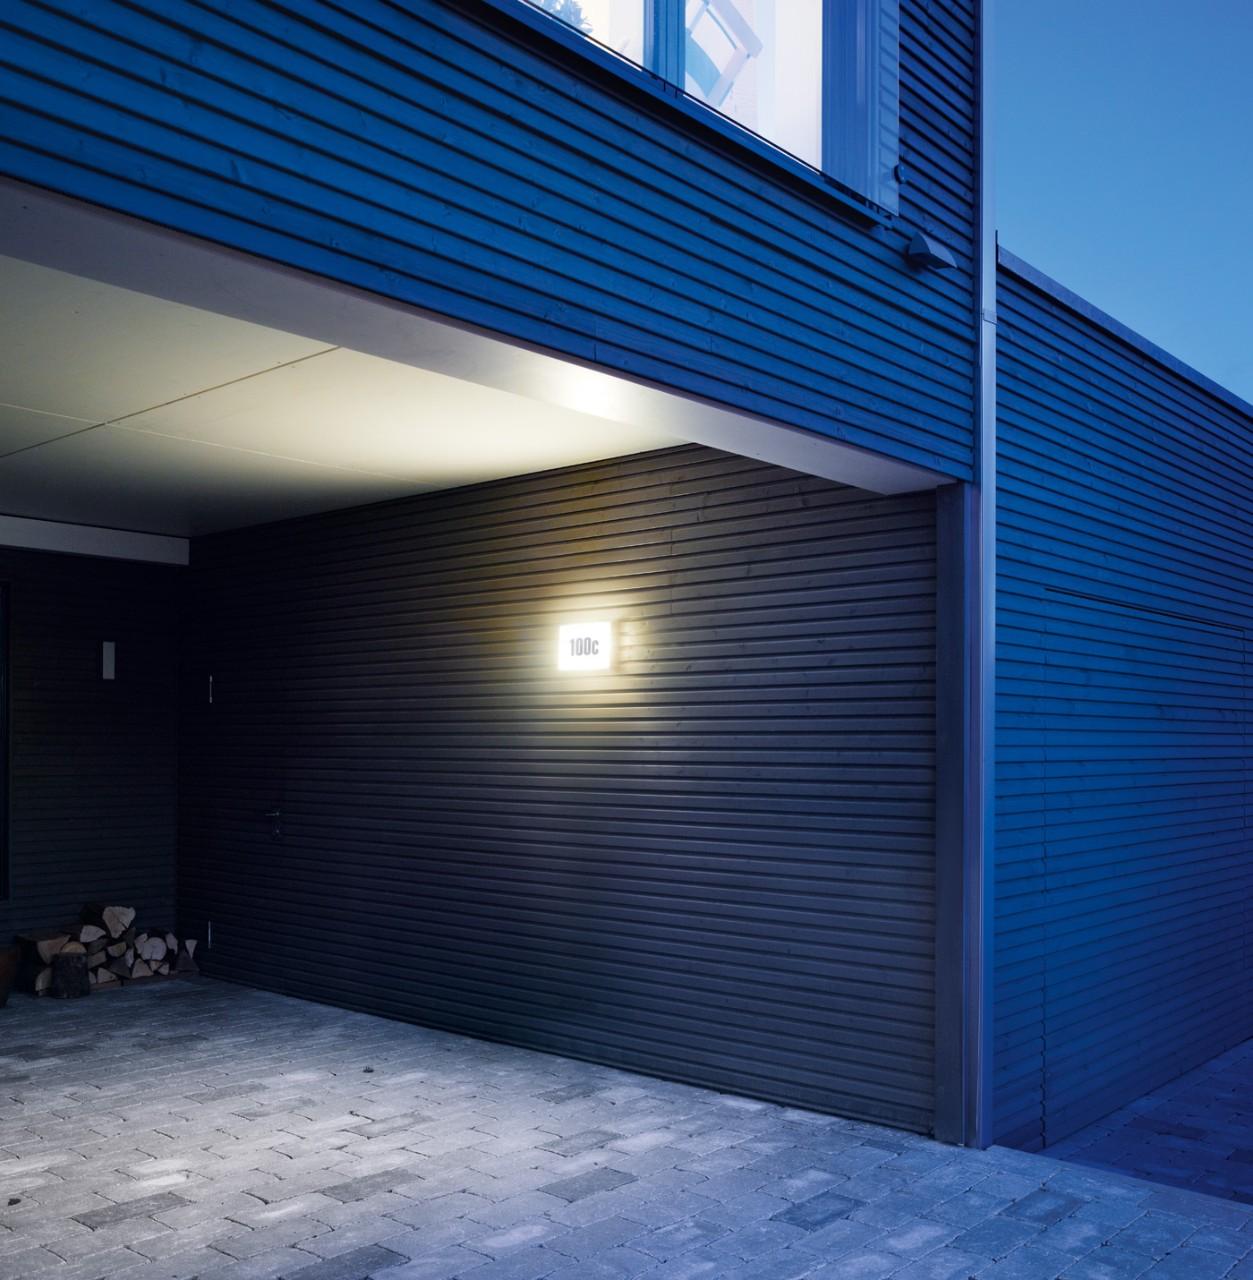 buitenlamp met schemerschakelaar steinel ln1 led. Black Bedroom Furniture Sets. Home Design Ideas